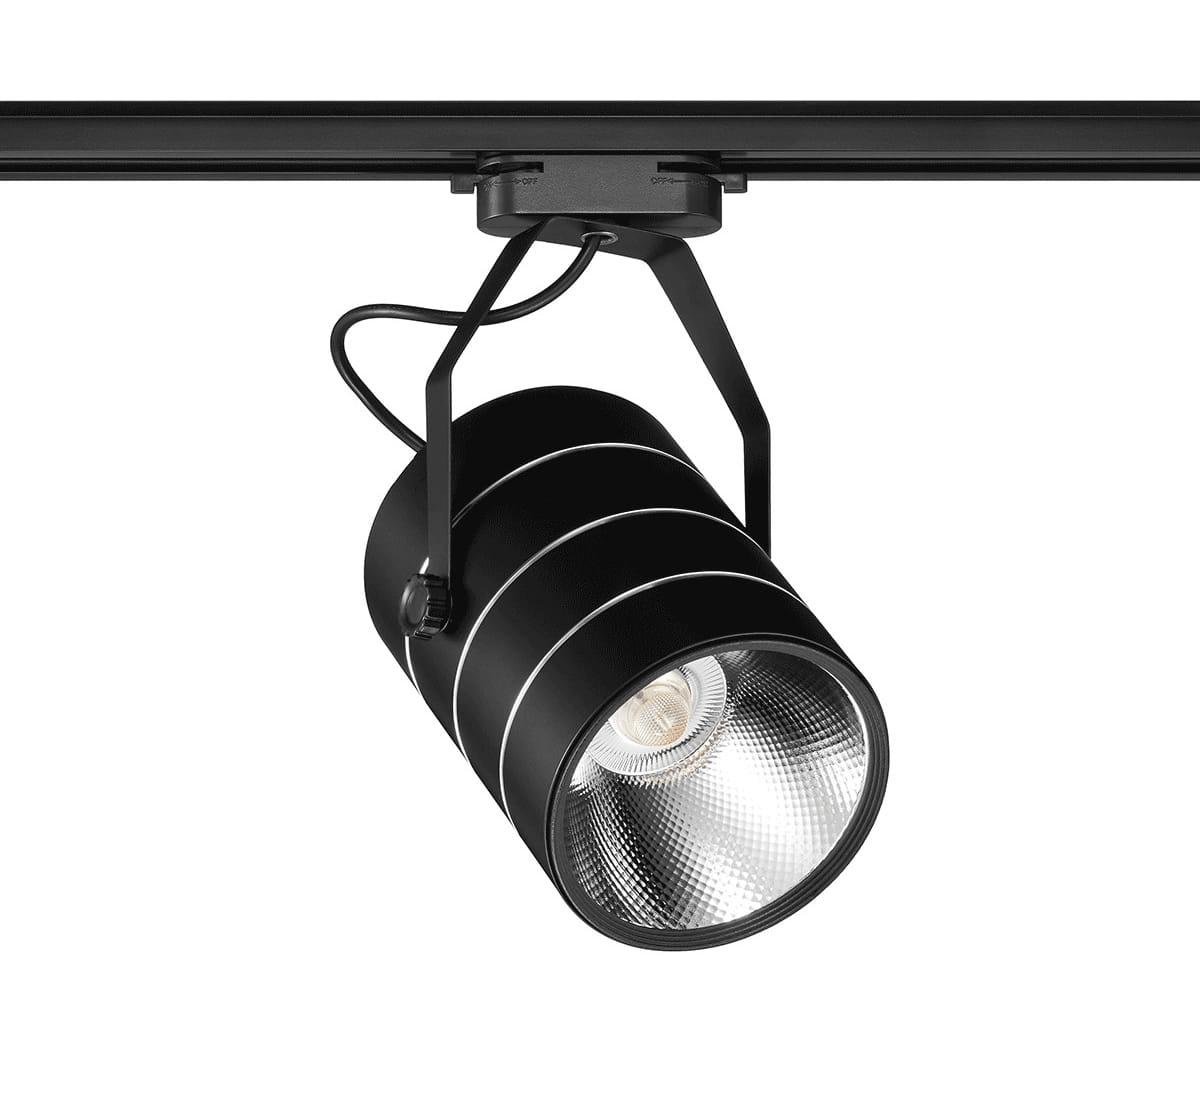 Lampa szynowa LED PREMIUM 30W 6000K ZIMNA CZARNA